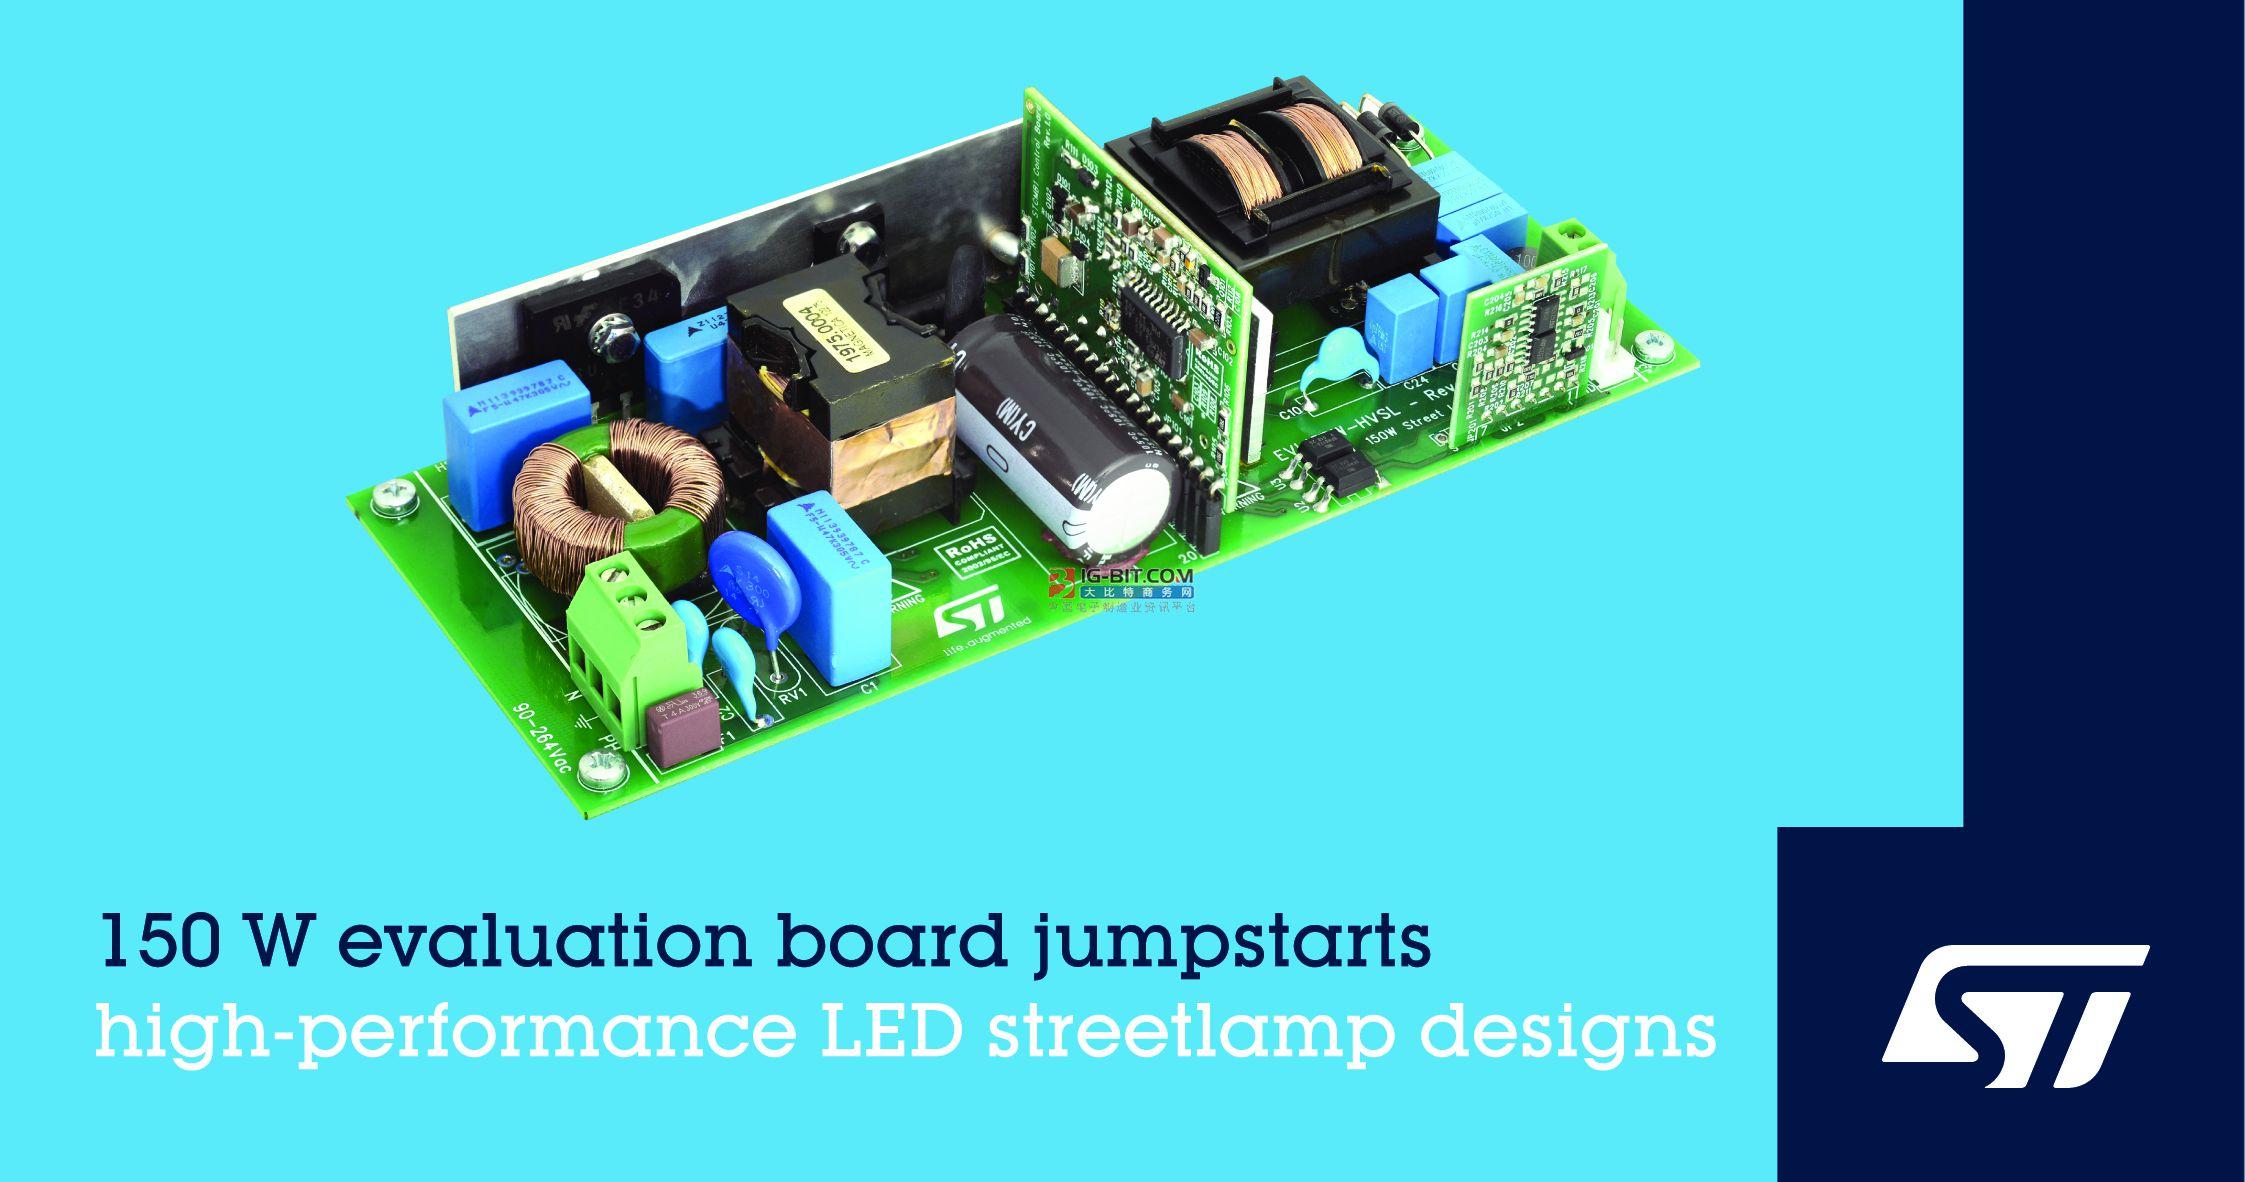 法半导体推出150W评估板和参考设计 致力于推动安全高效的LED路灯应用的发展